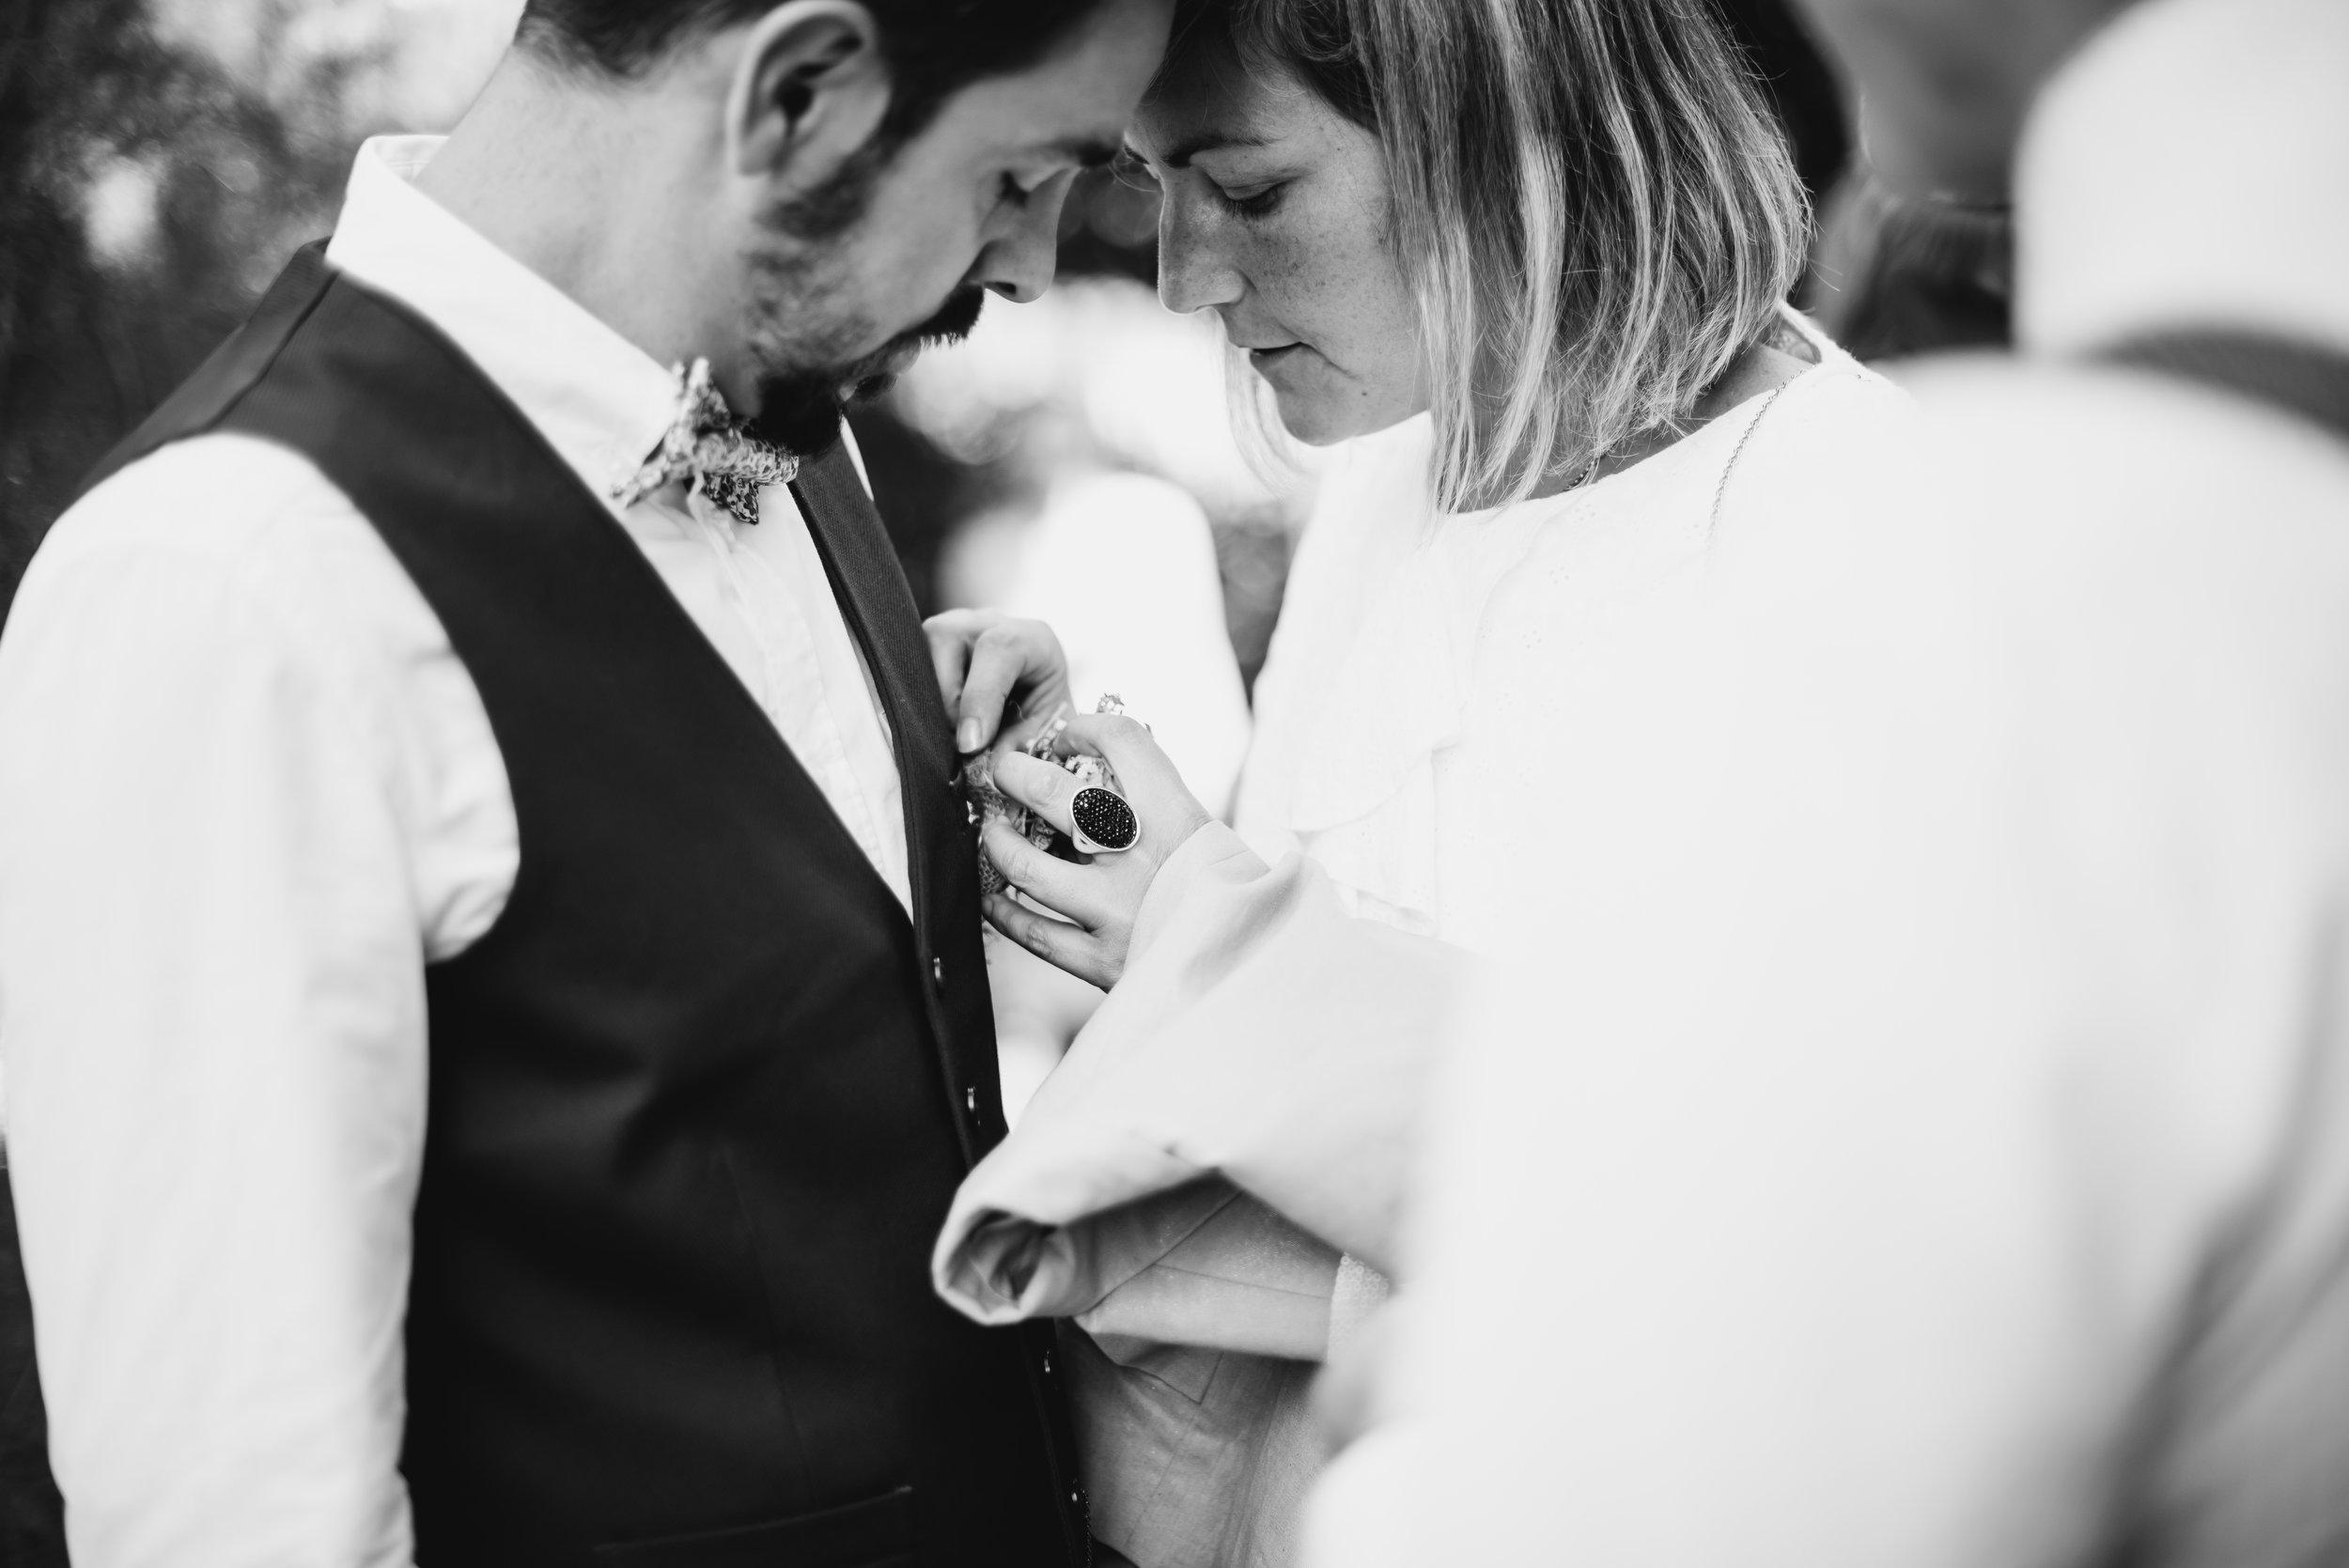 Léa-Fery-photographe-professionnel-lyon-rhone-alpes-portrait-creation-mariage-evenement-evenementiel-famille-7665.jpg